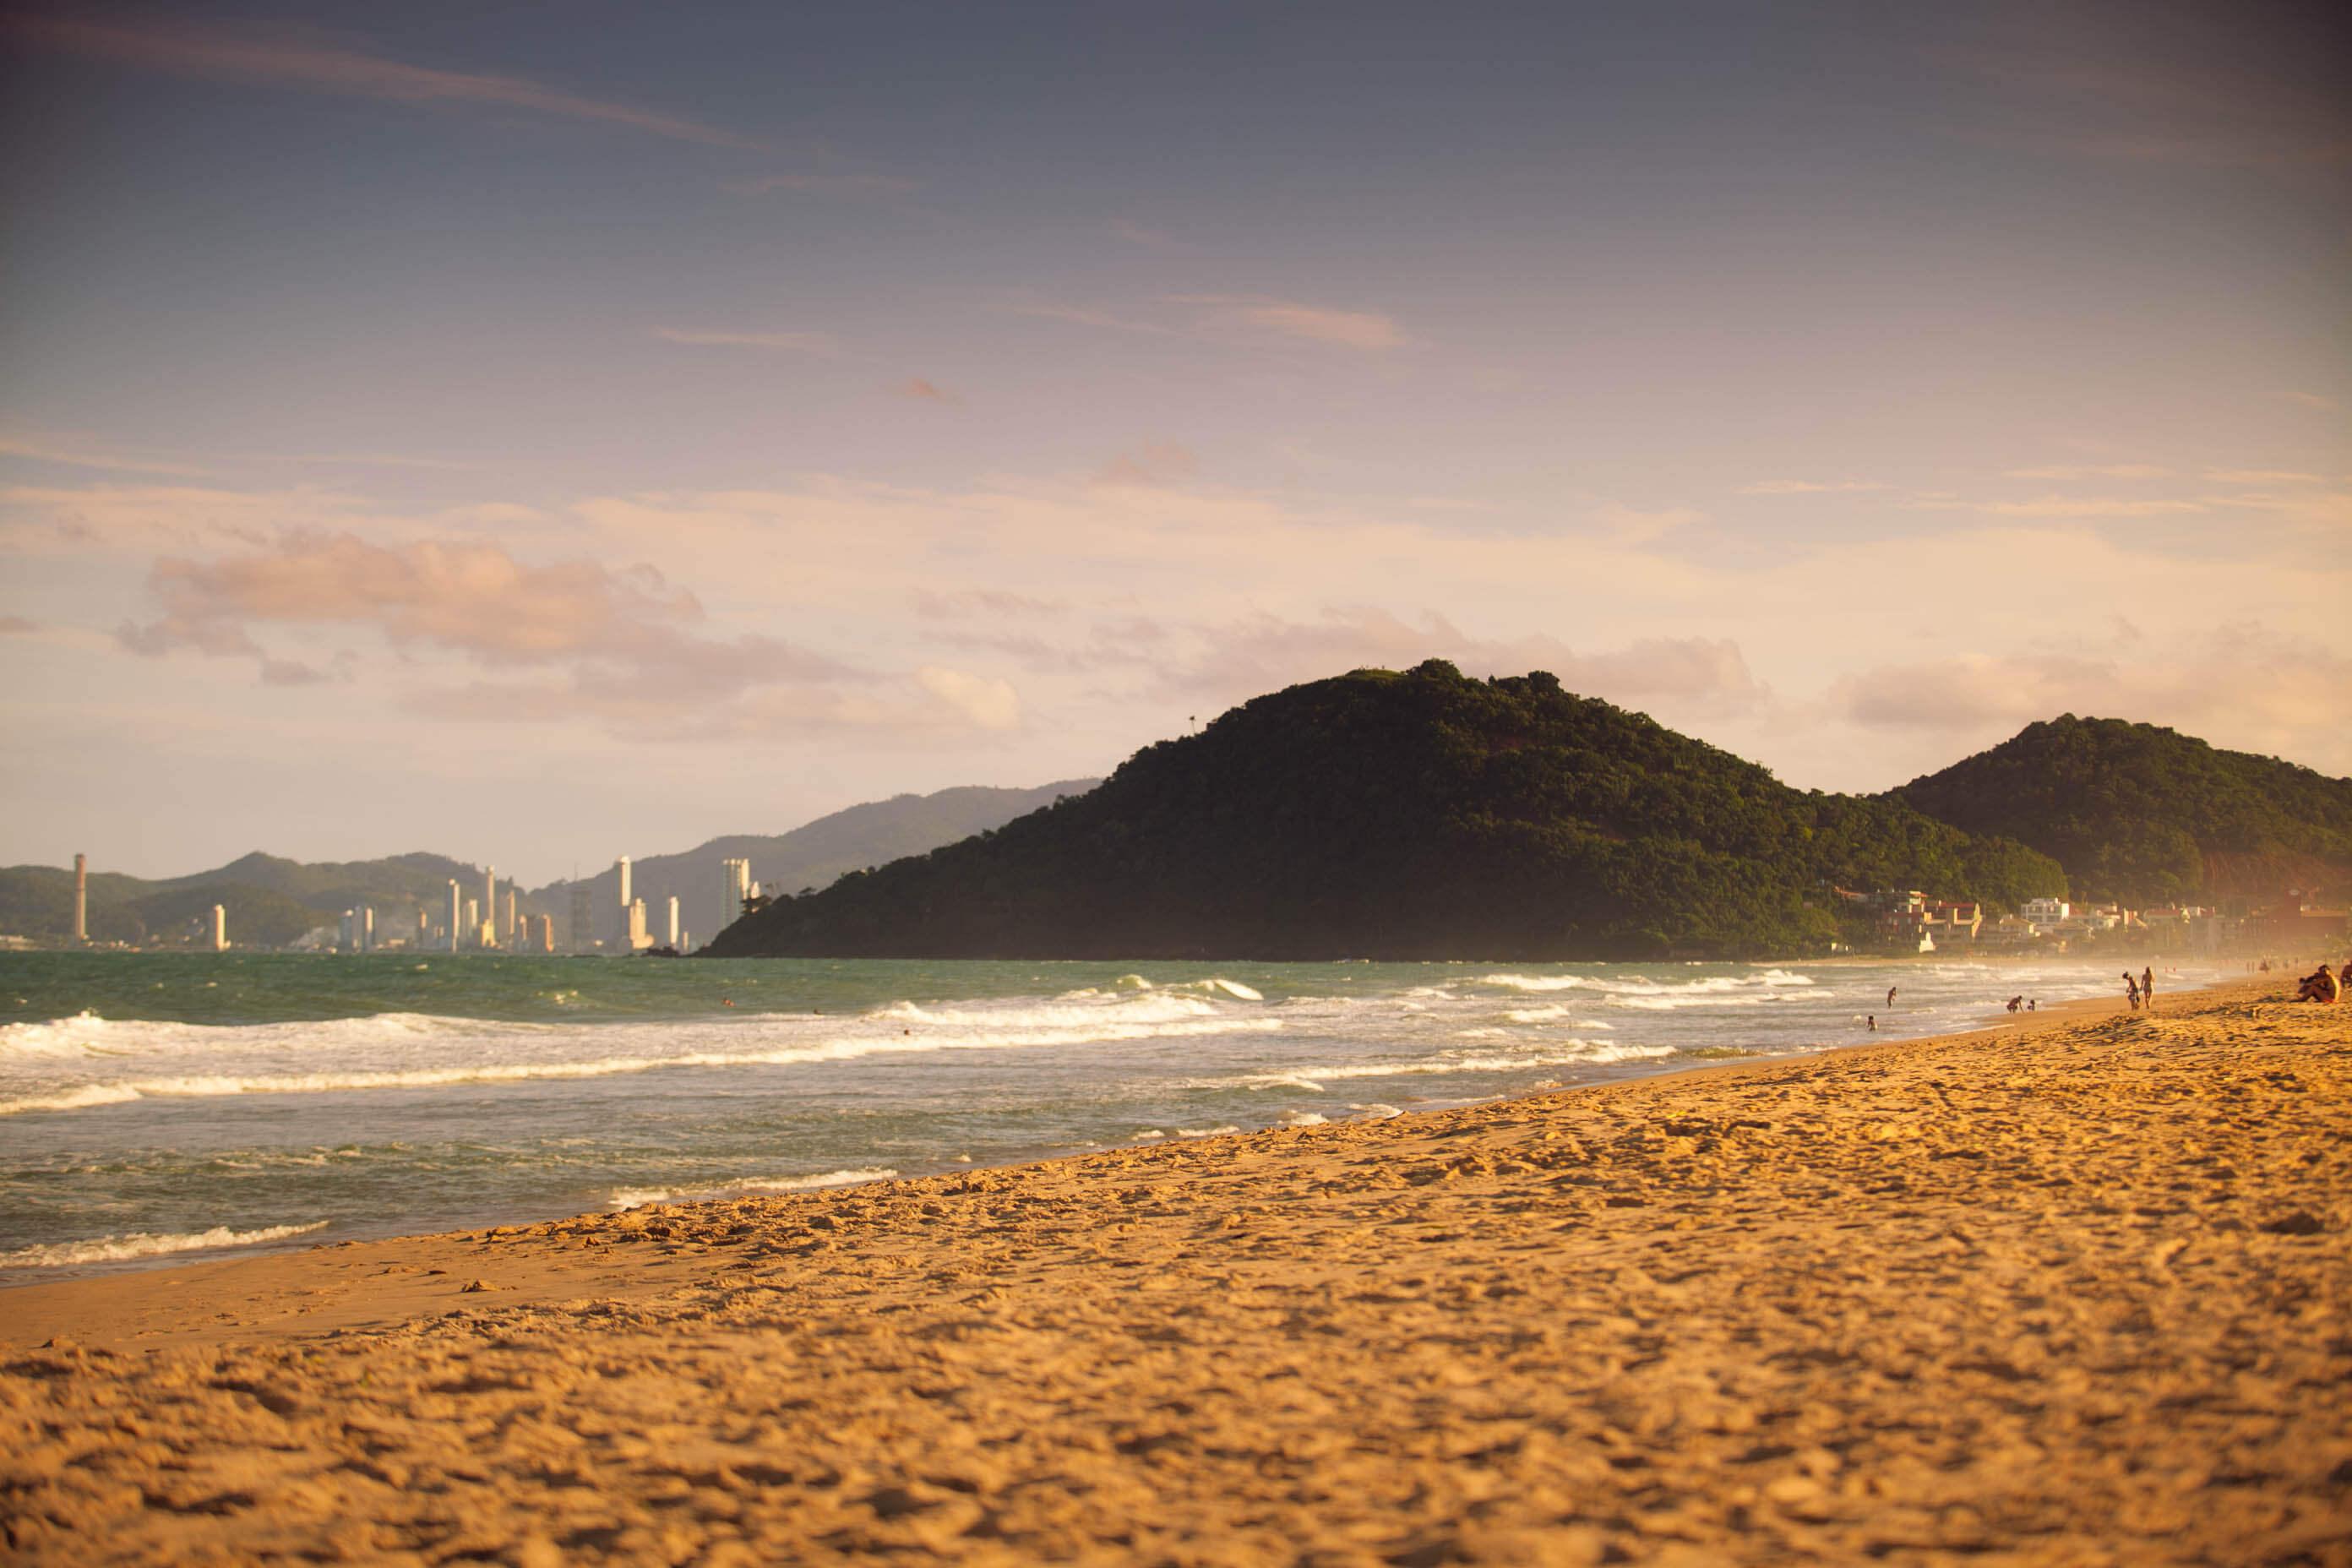 praiabravavistacentralbc (1)